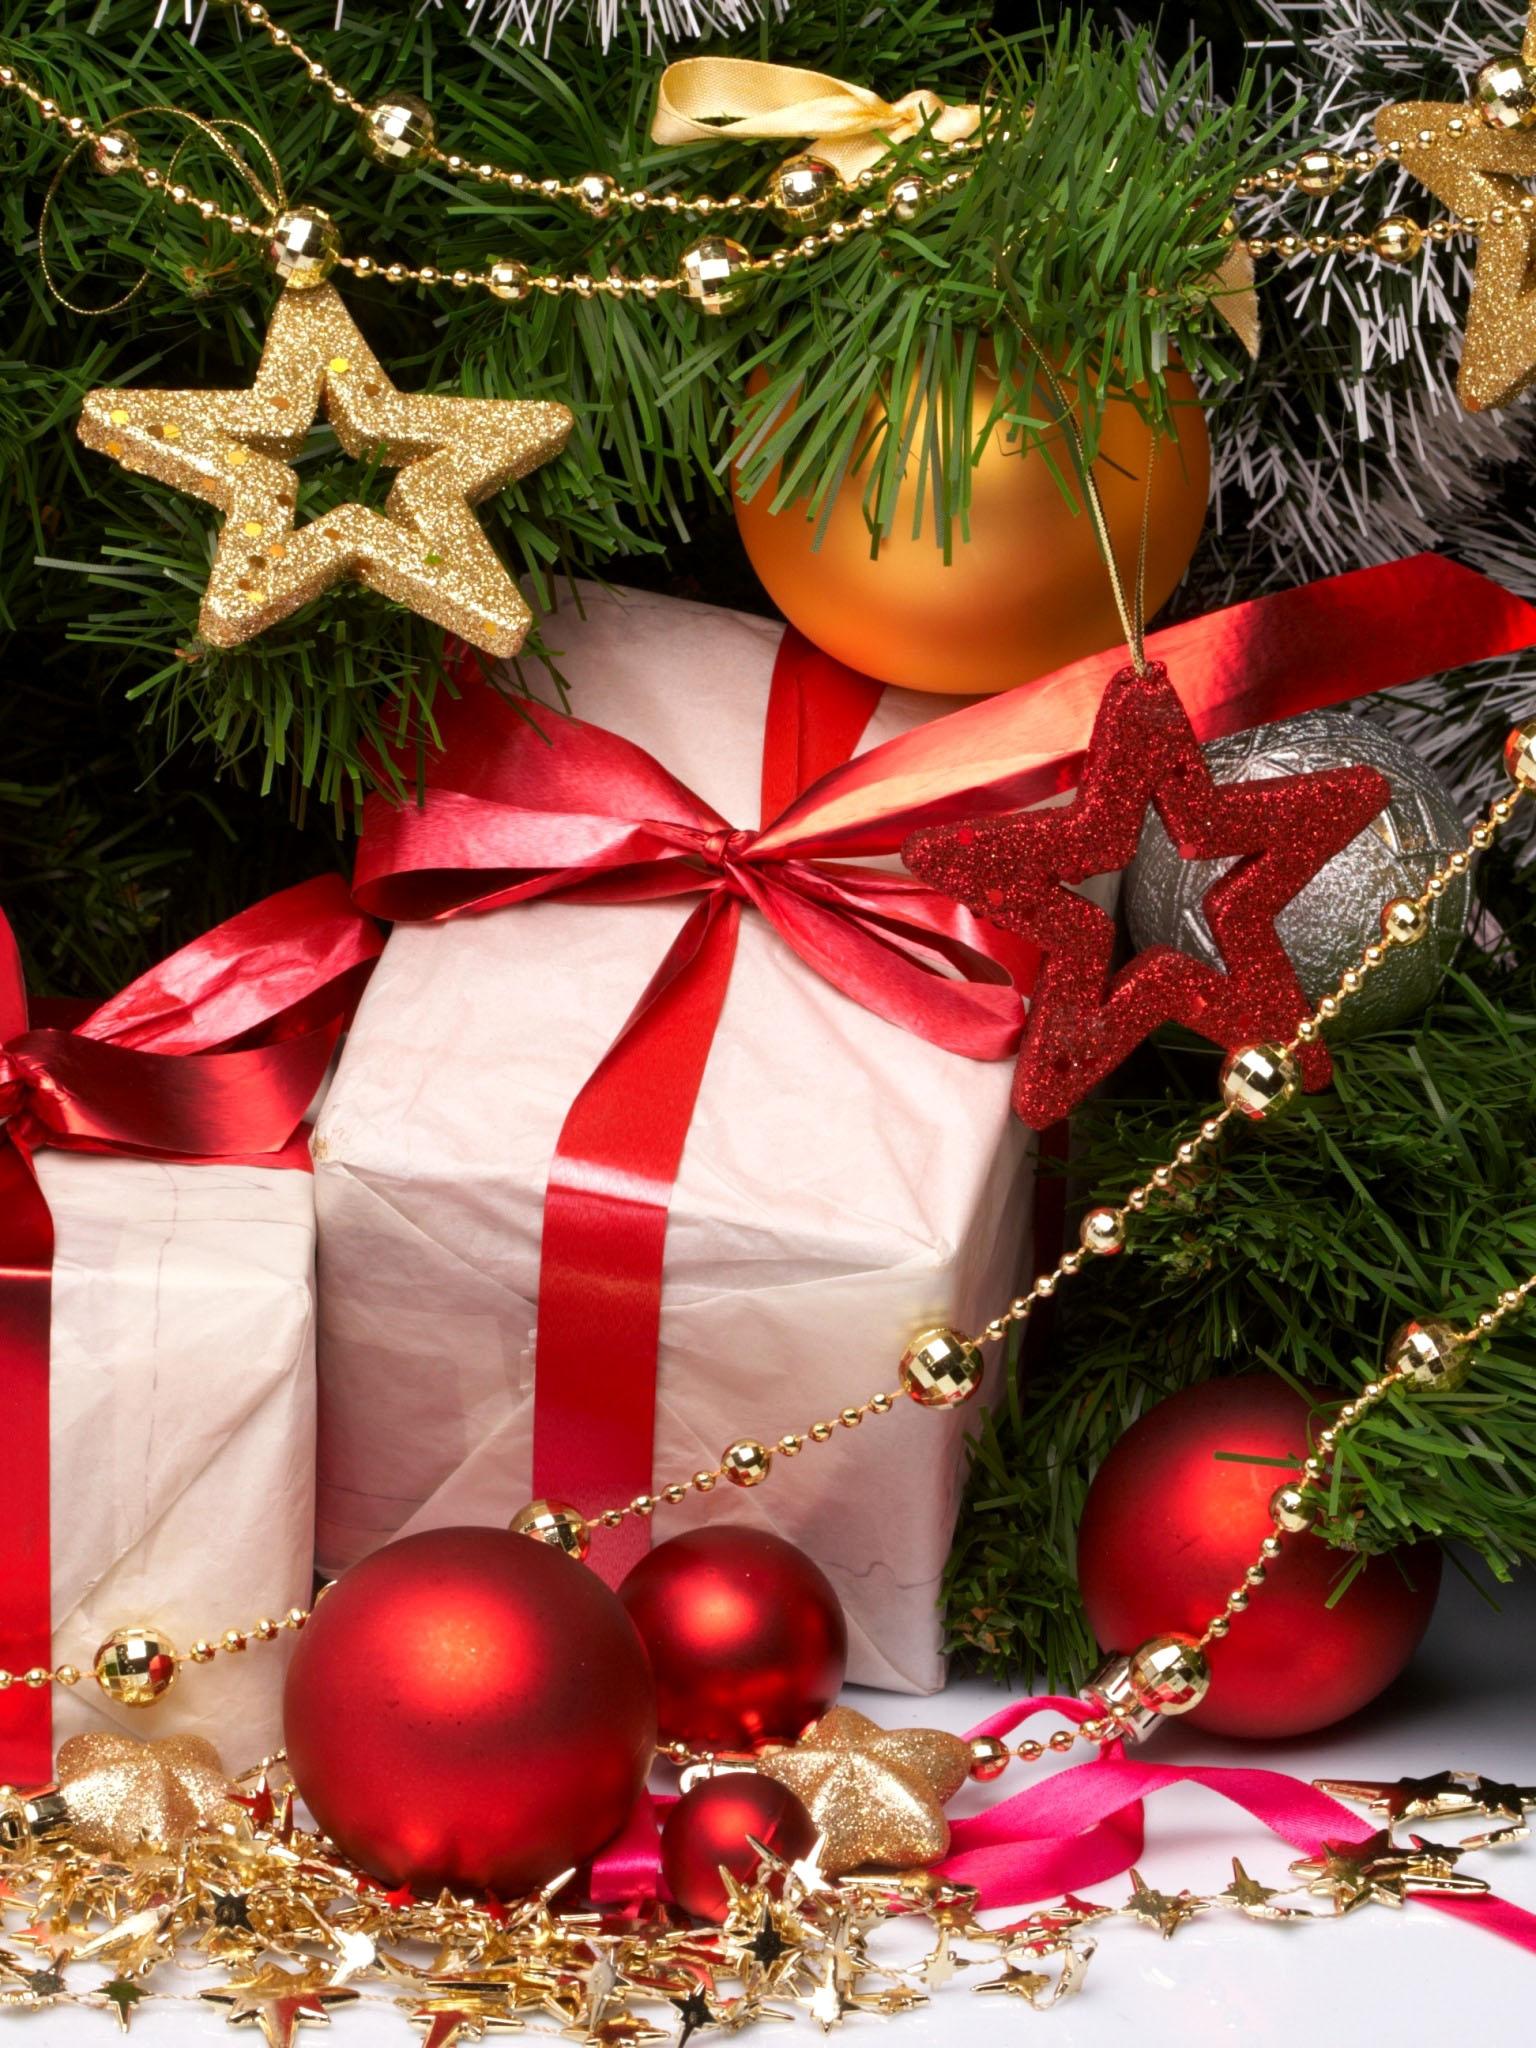 Картинка елки с подарками под ней